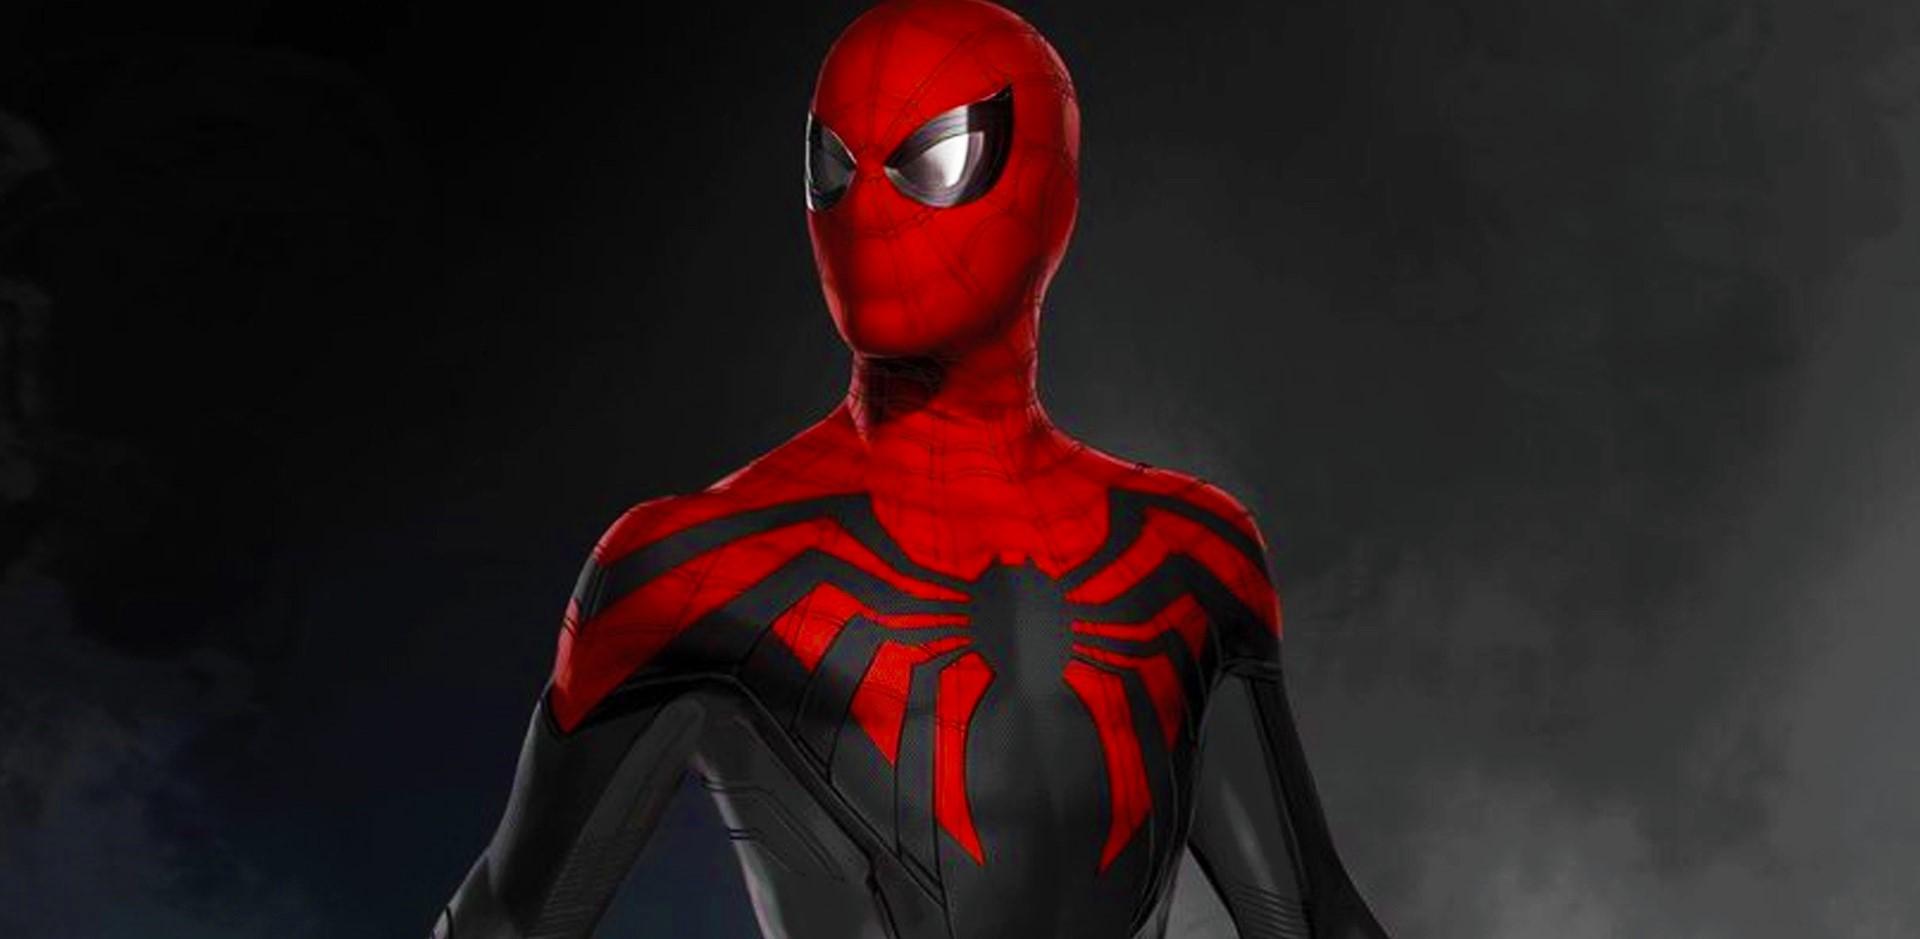 Близкий взгляд на новые костюмы Человека-паука из «Вдали от дома»